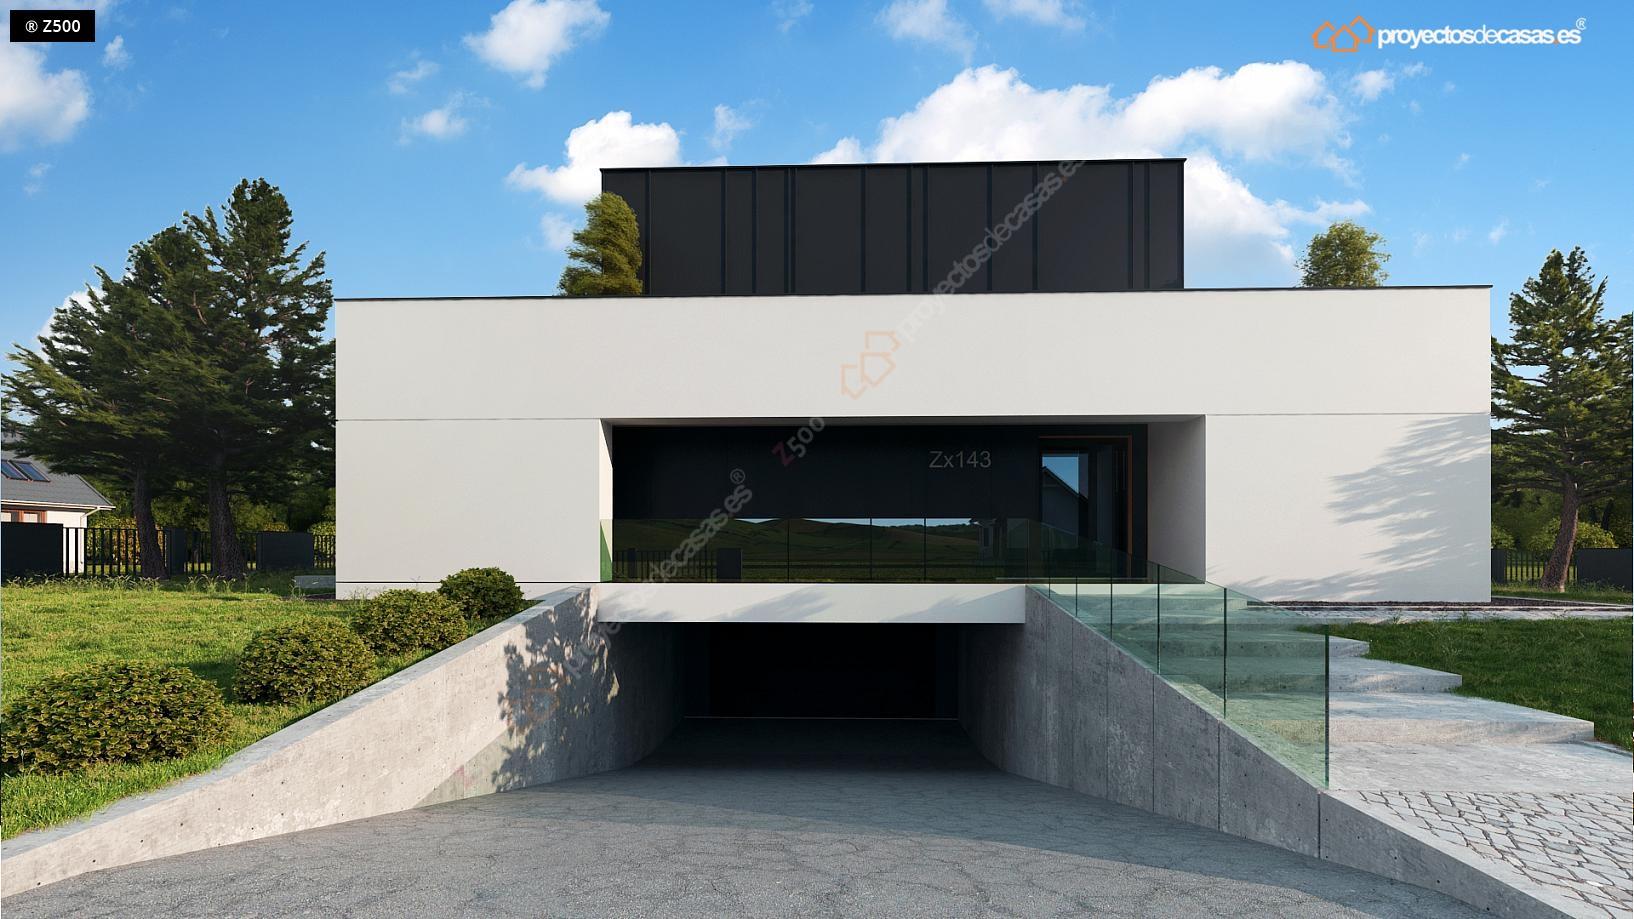 Proyectos de casas original casa loja proyectosdecasas for Casas con planos y fotos